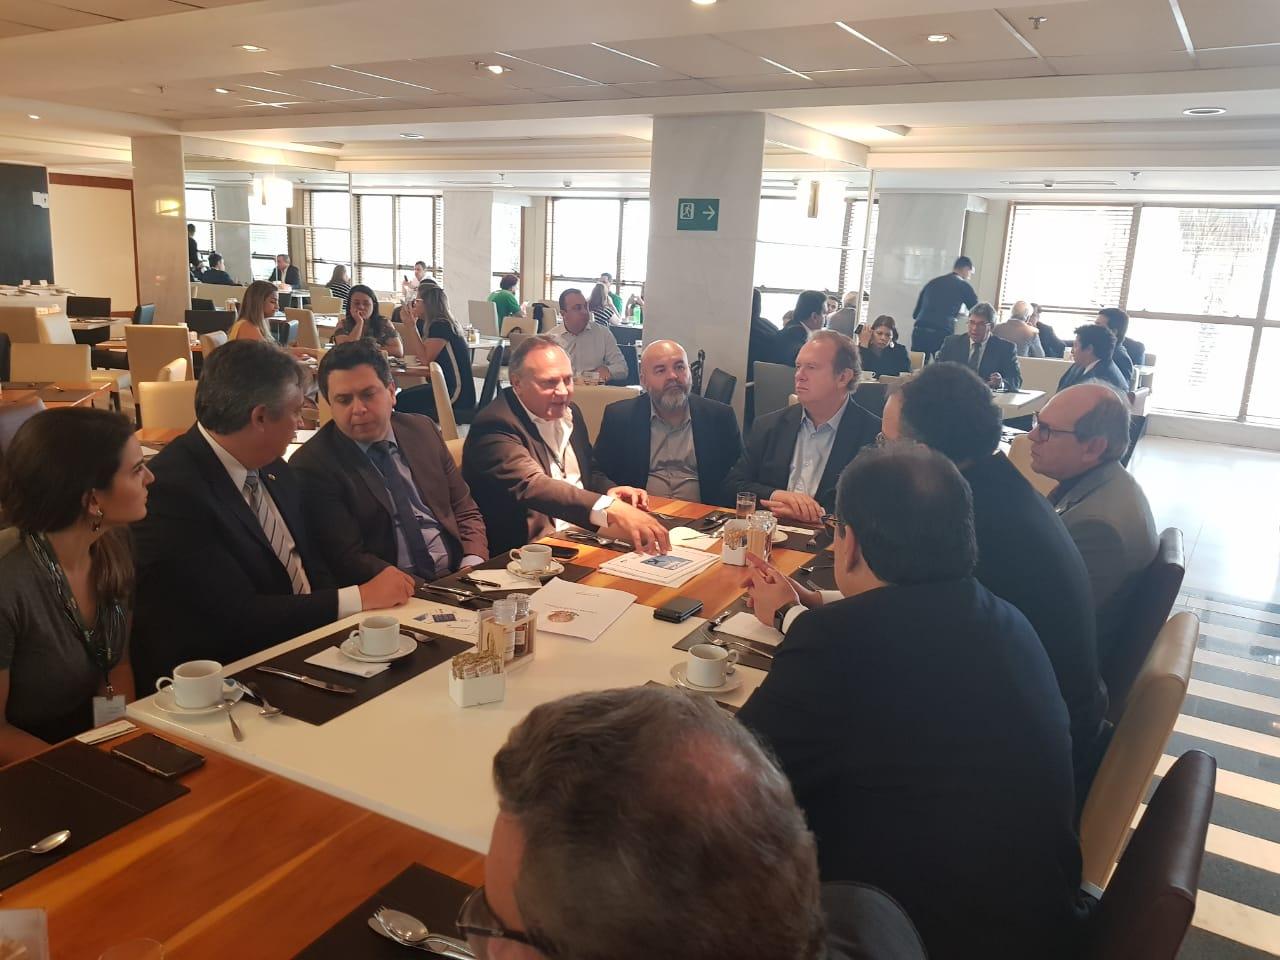 Tiago Dimas reúne governador, governo federal, diretores de companhias aéreas e prefeitos para instalar novos voos no Estado